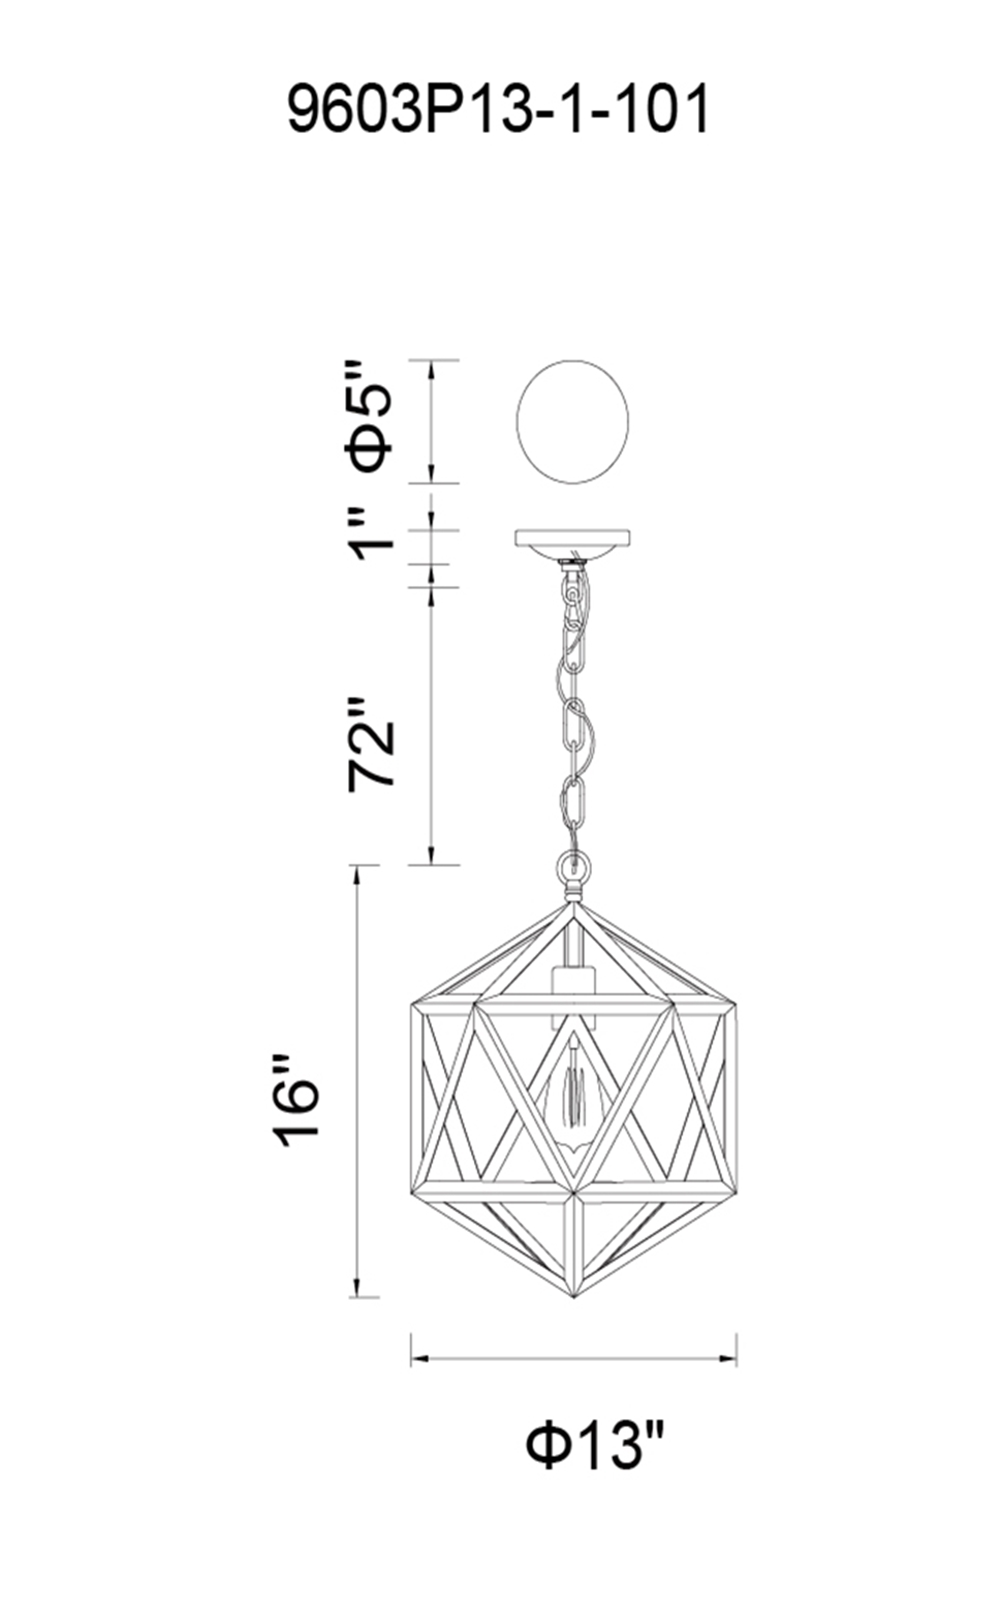 CWI Lighting Dia 1 Light Down Mini Pendant With Black Finish Model: 9603P13-1-101 Line Drawing